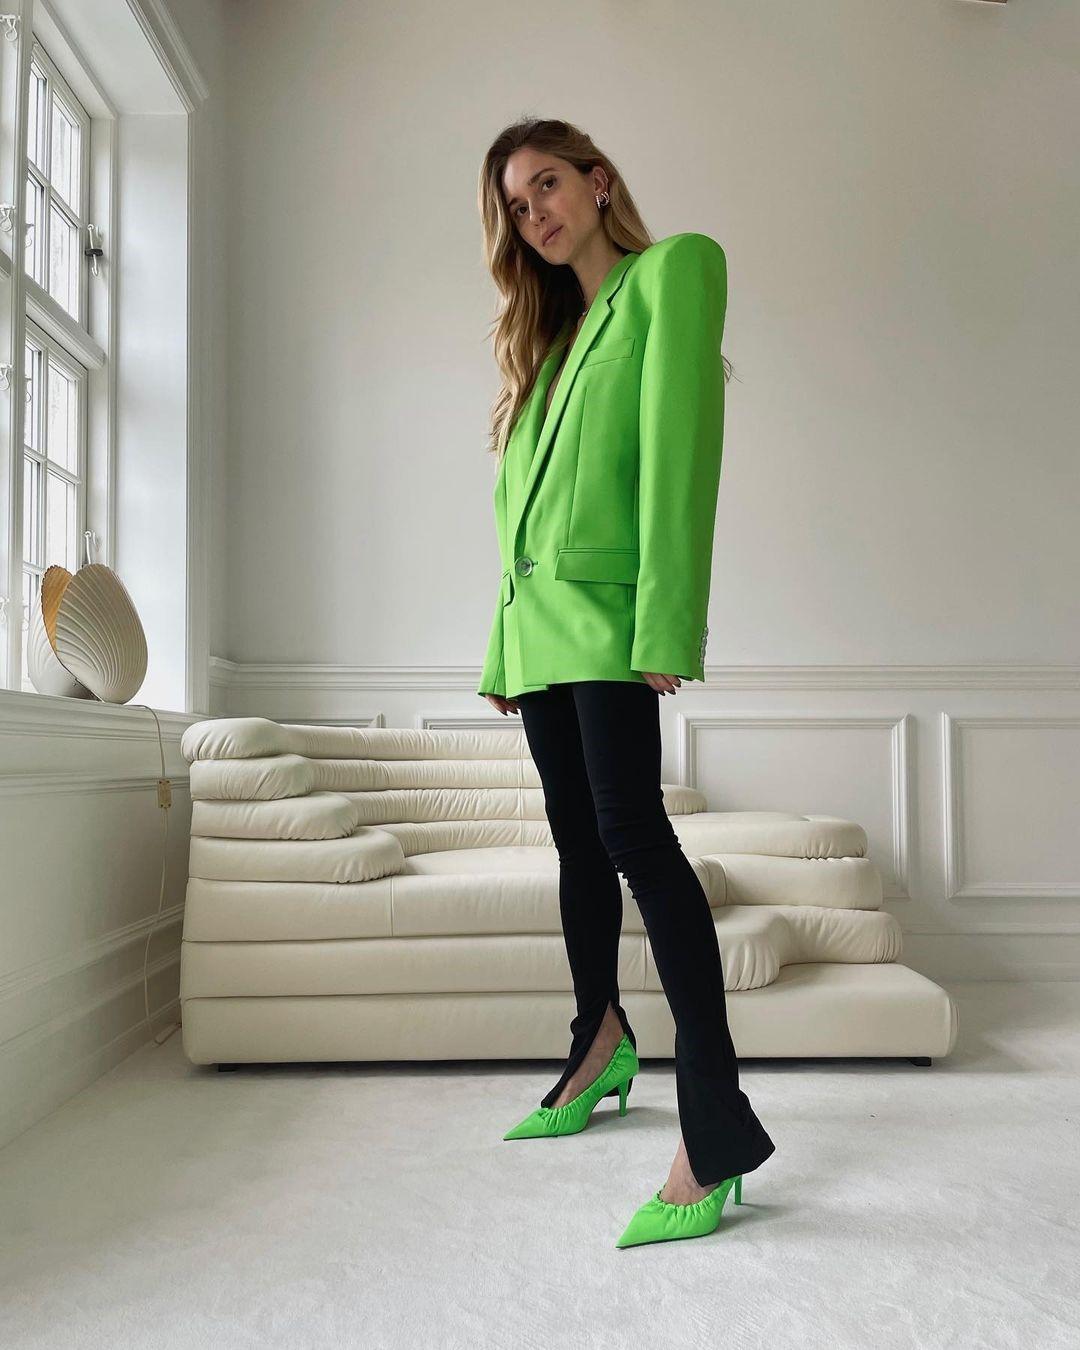 Как носить пиджак мужского кроя, при этом выглядеть женственно и привлекательно – советы стилиста